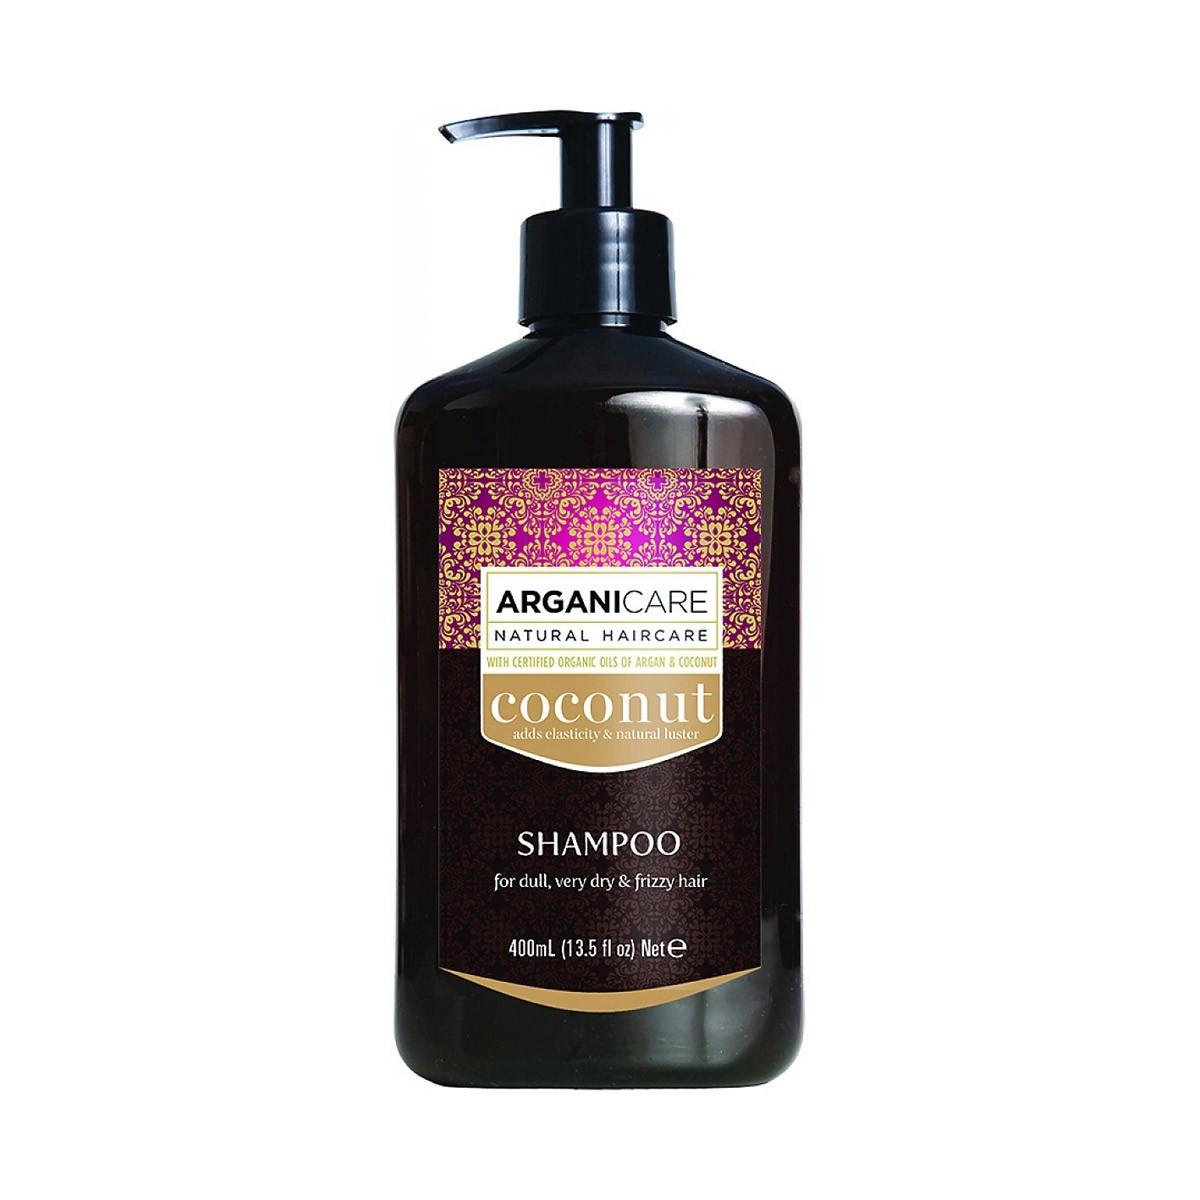 ARGANICARE Coconut Shampoo 400ml - Szampon do suchych, puszących się włosów